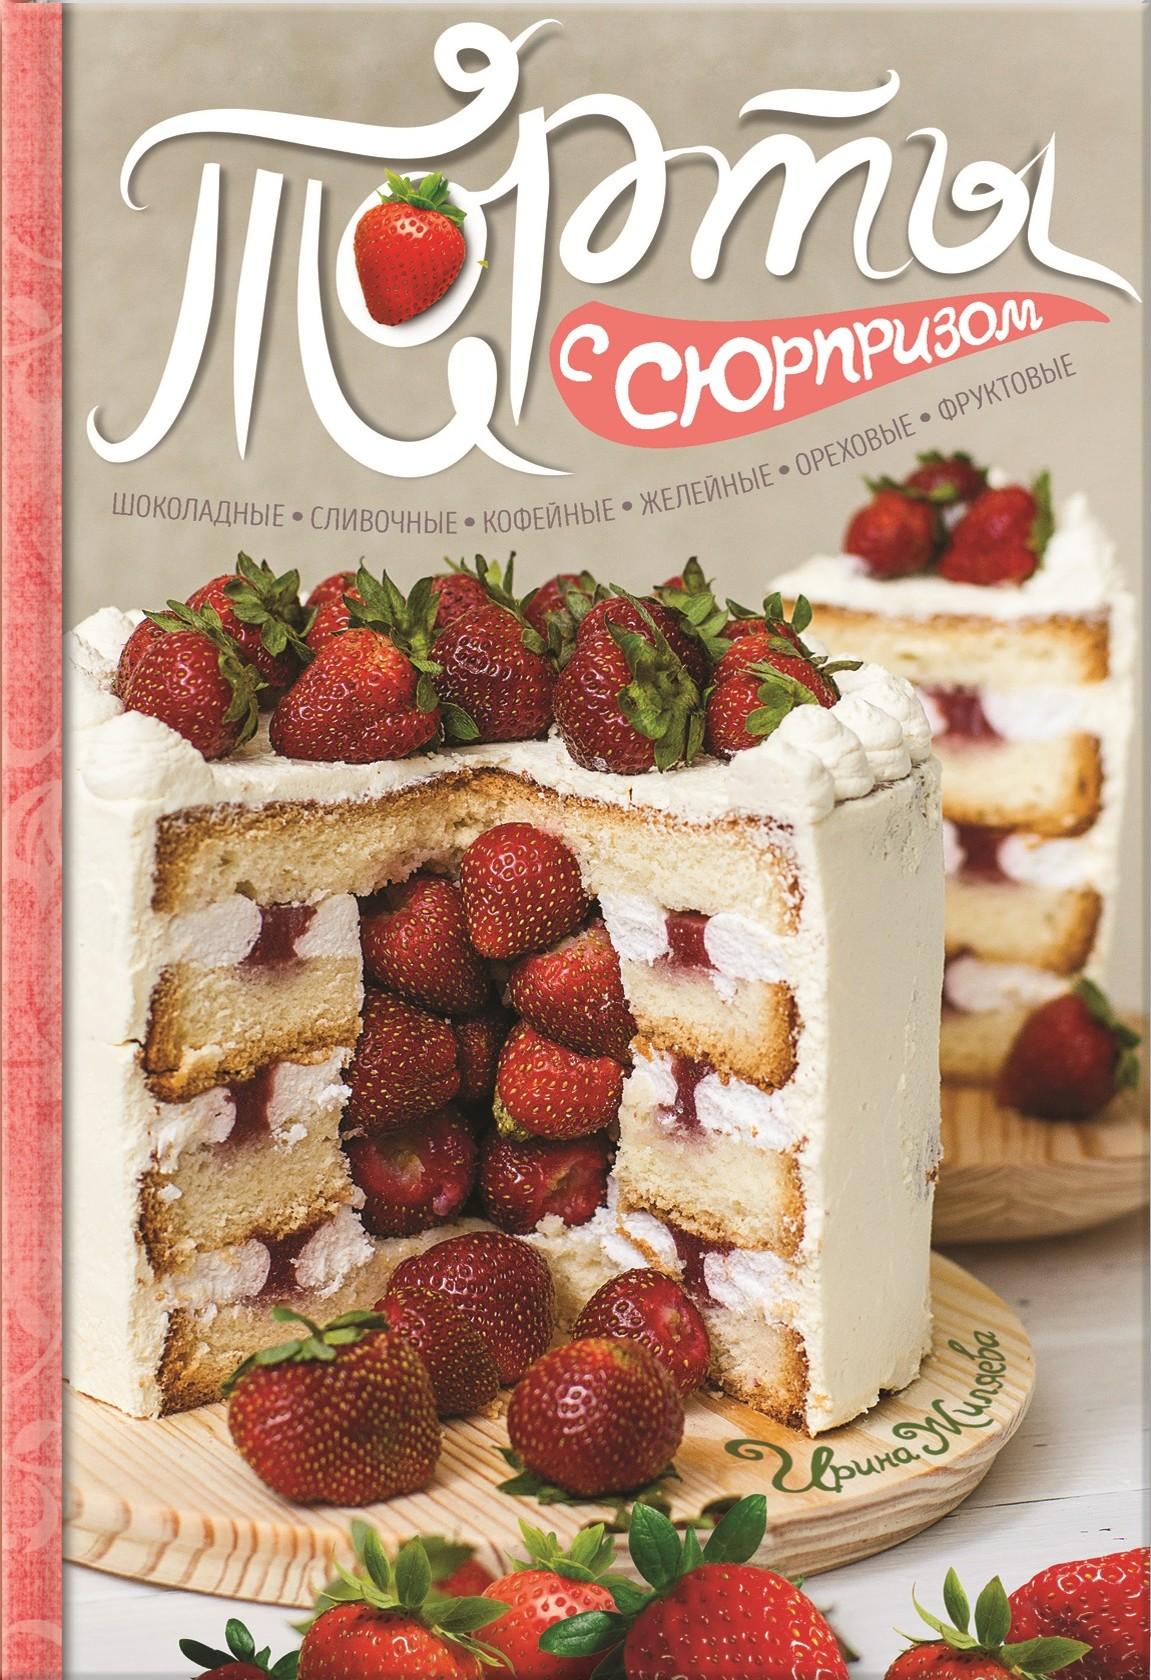 Ирина Жиляева Торты с сюрпризом. Шоколадные, сливочные, кофейные, желейные, ореховые, фруктовые торты